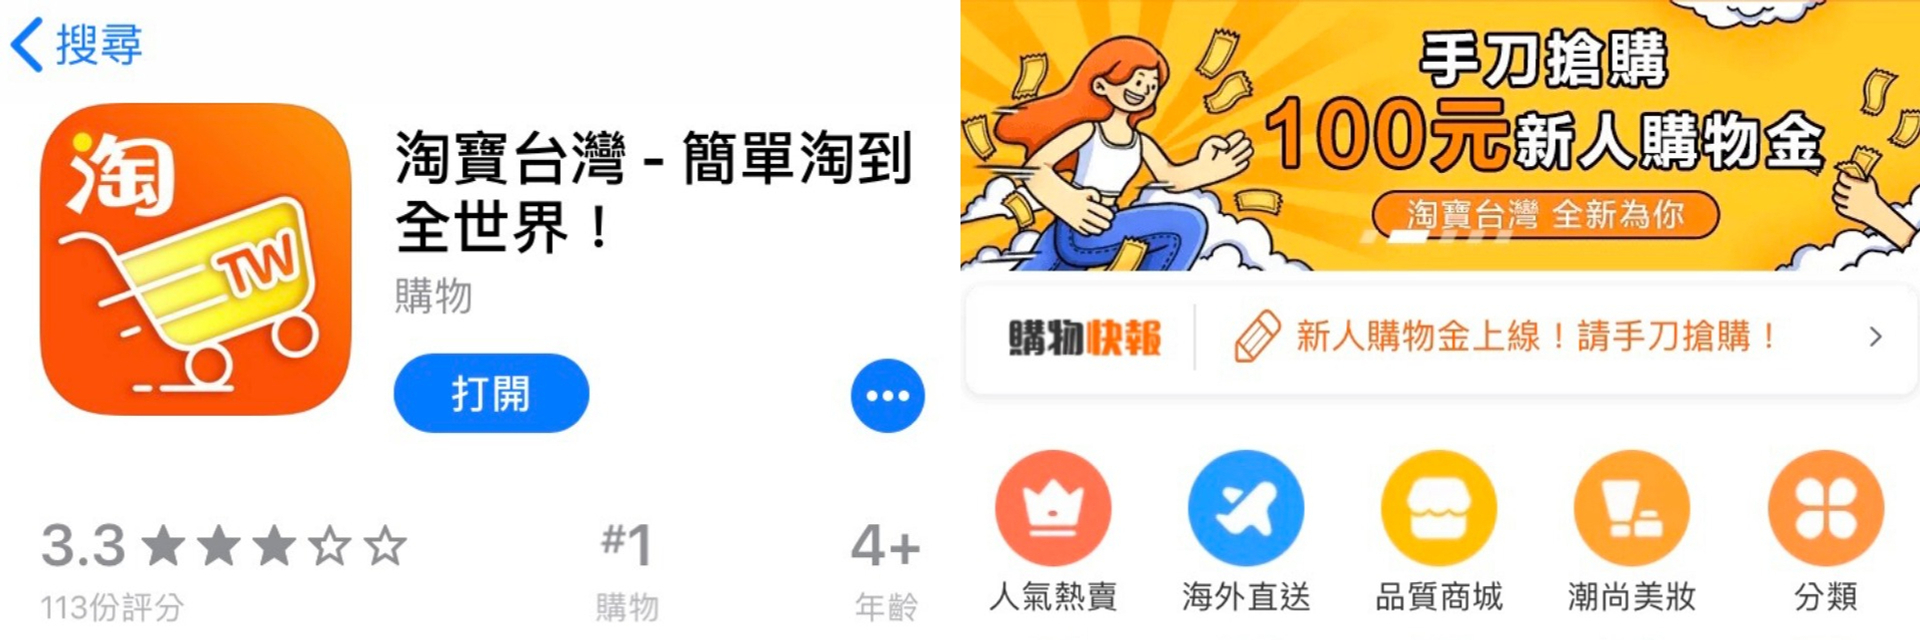 這下雙十一更好買了!編輯搶先試用淘寶台灣,在地化介面不思考下訂單直接買爆!